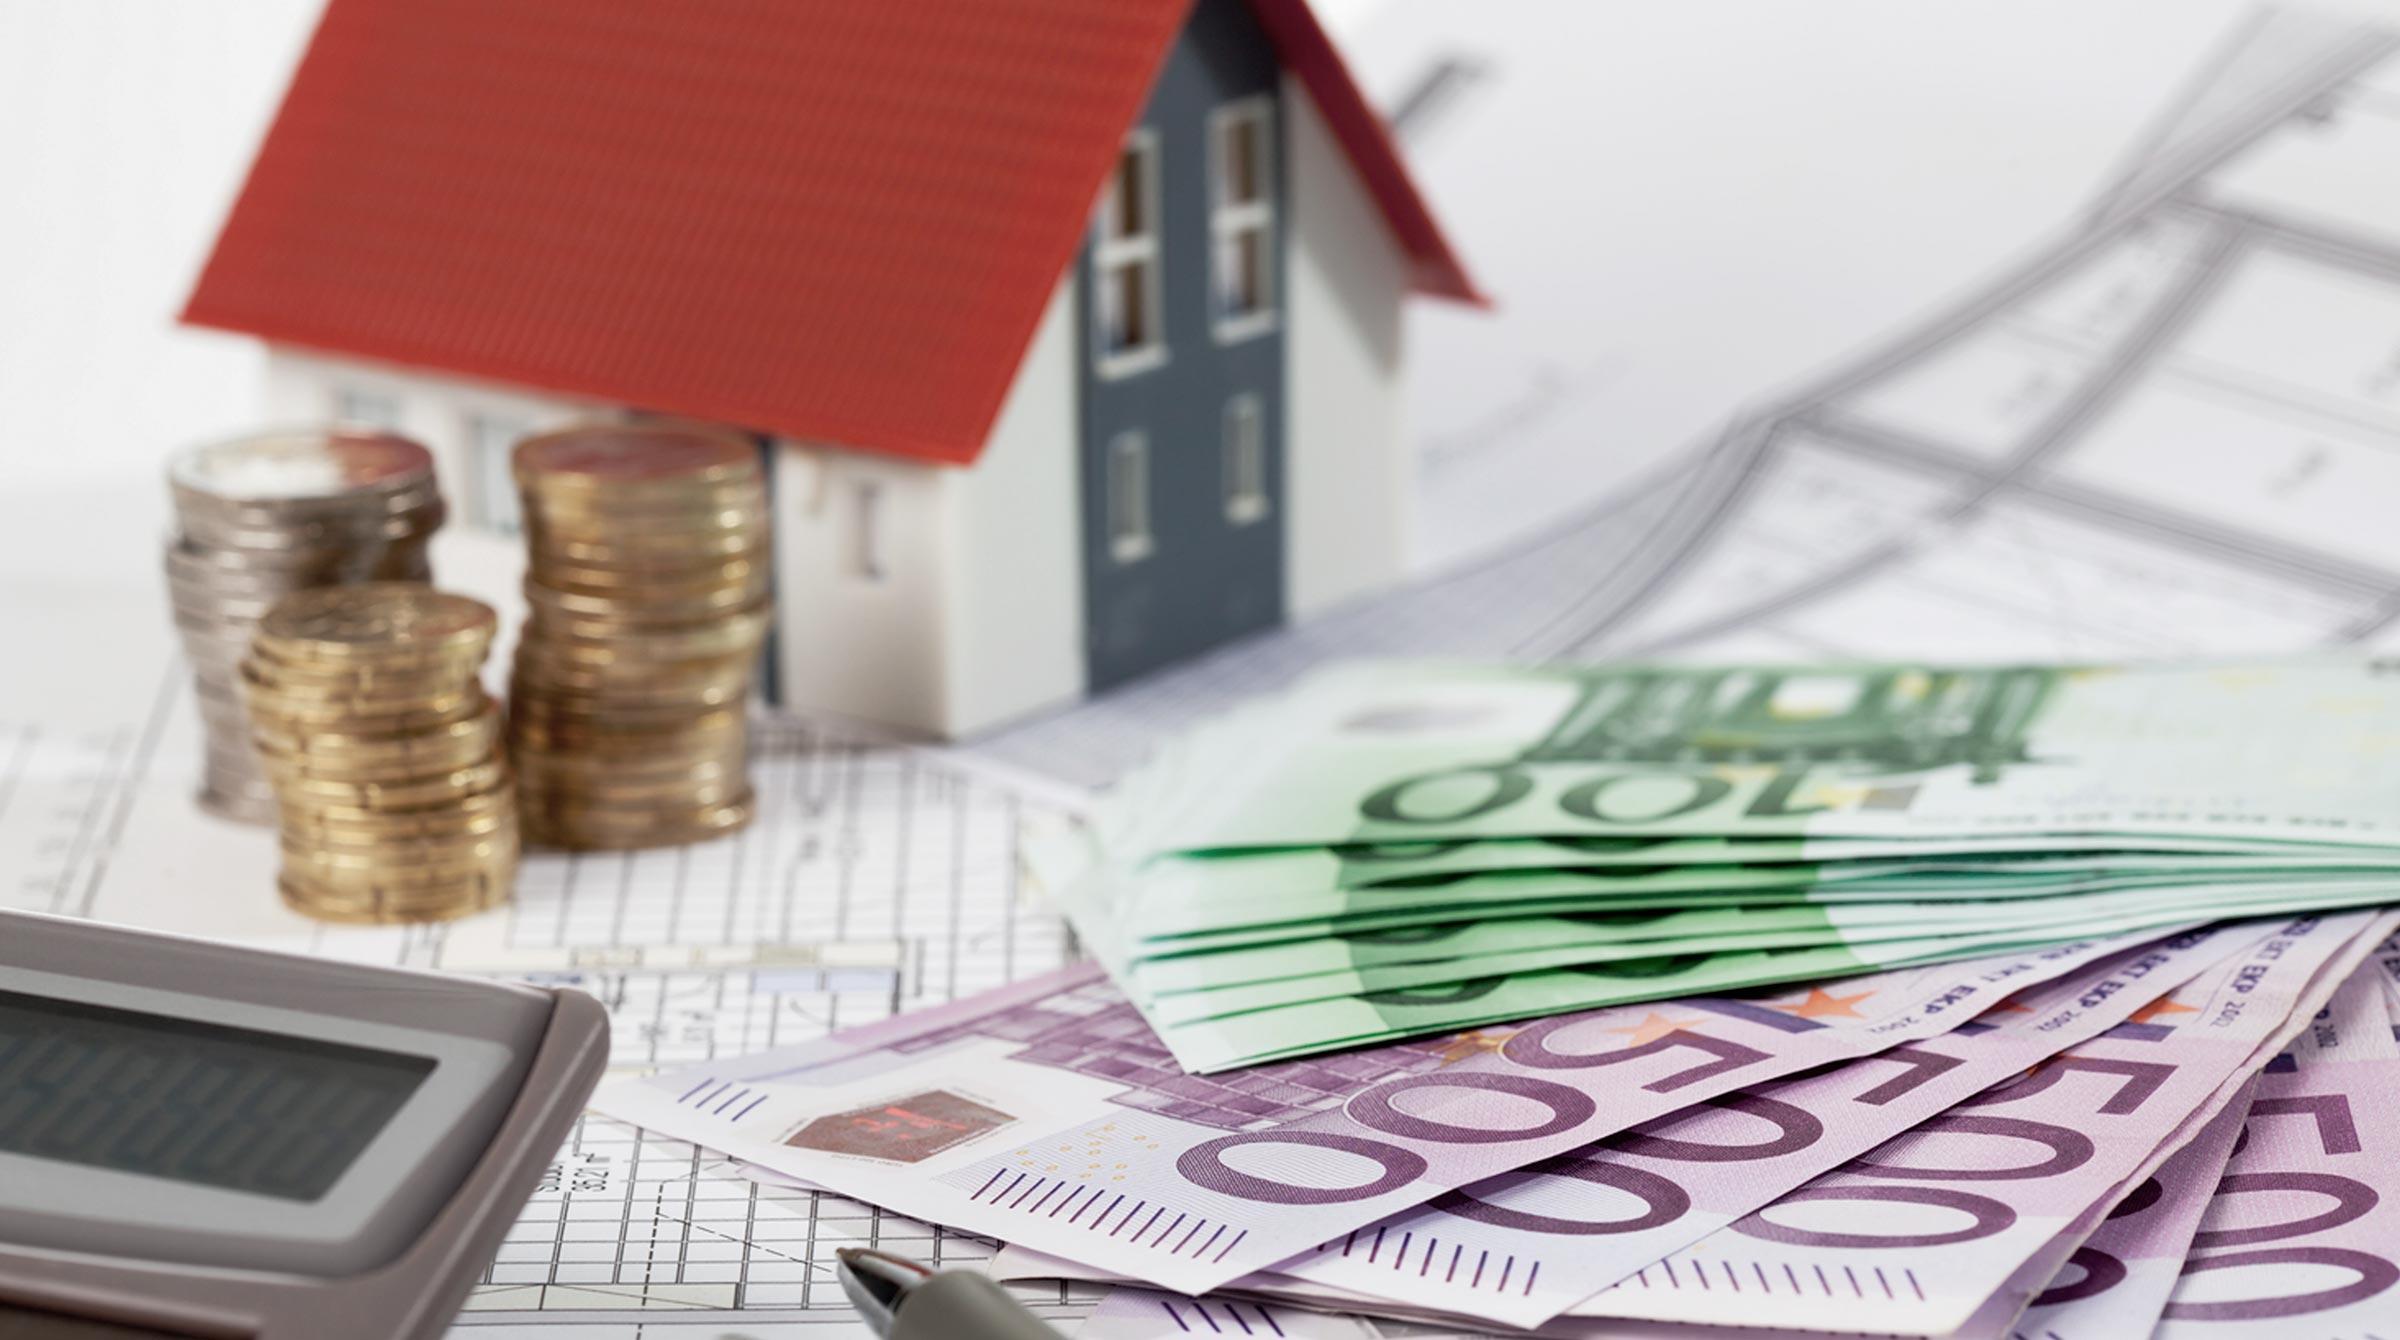 Introbild Förderung von Hausbau und Hauskauf